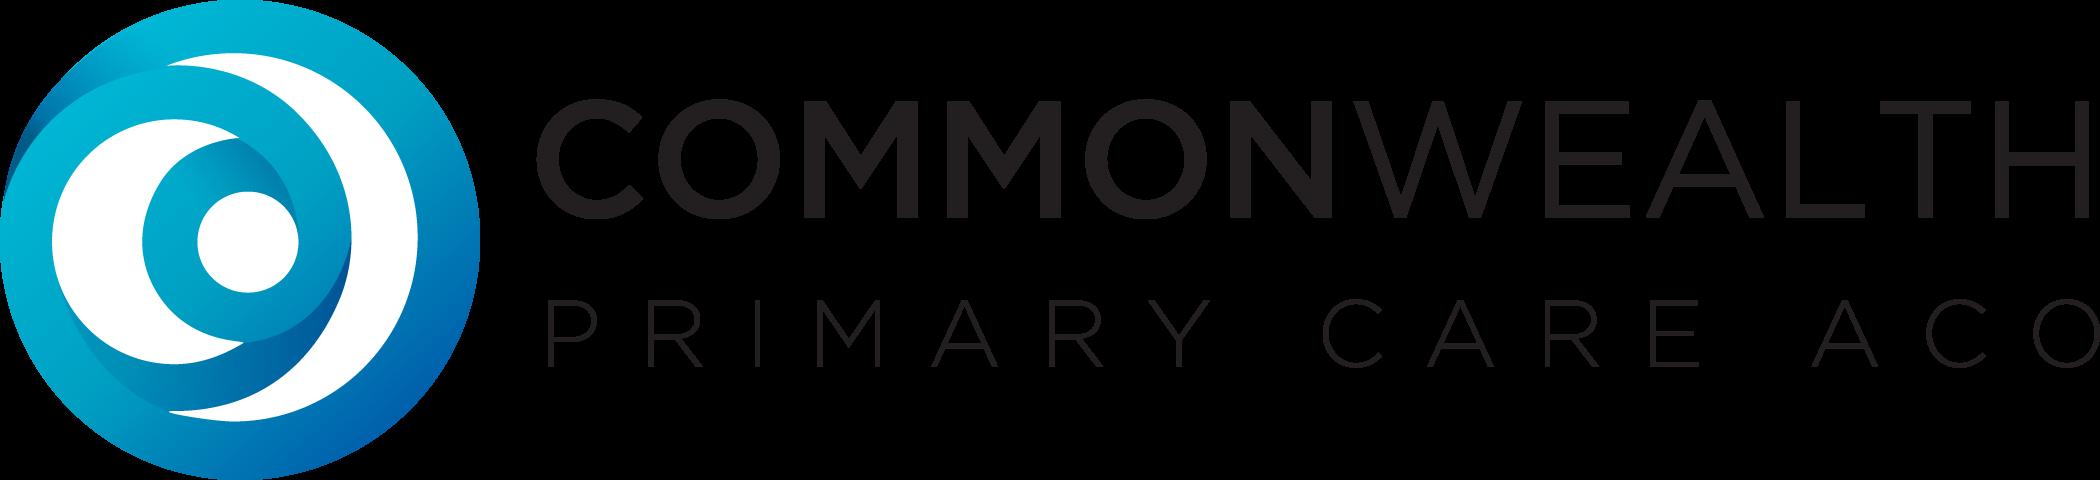 Commonwealth Primary Care ACO